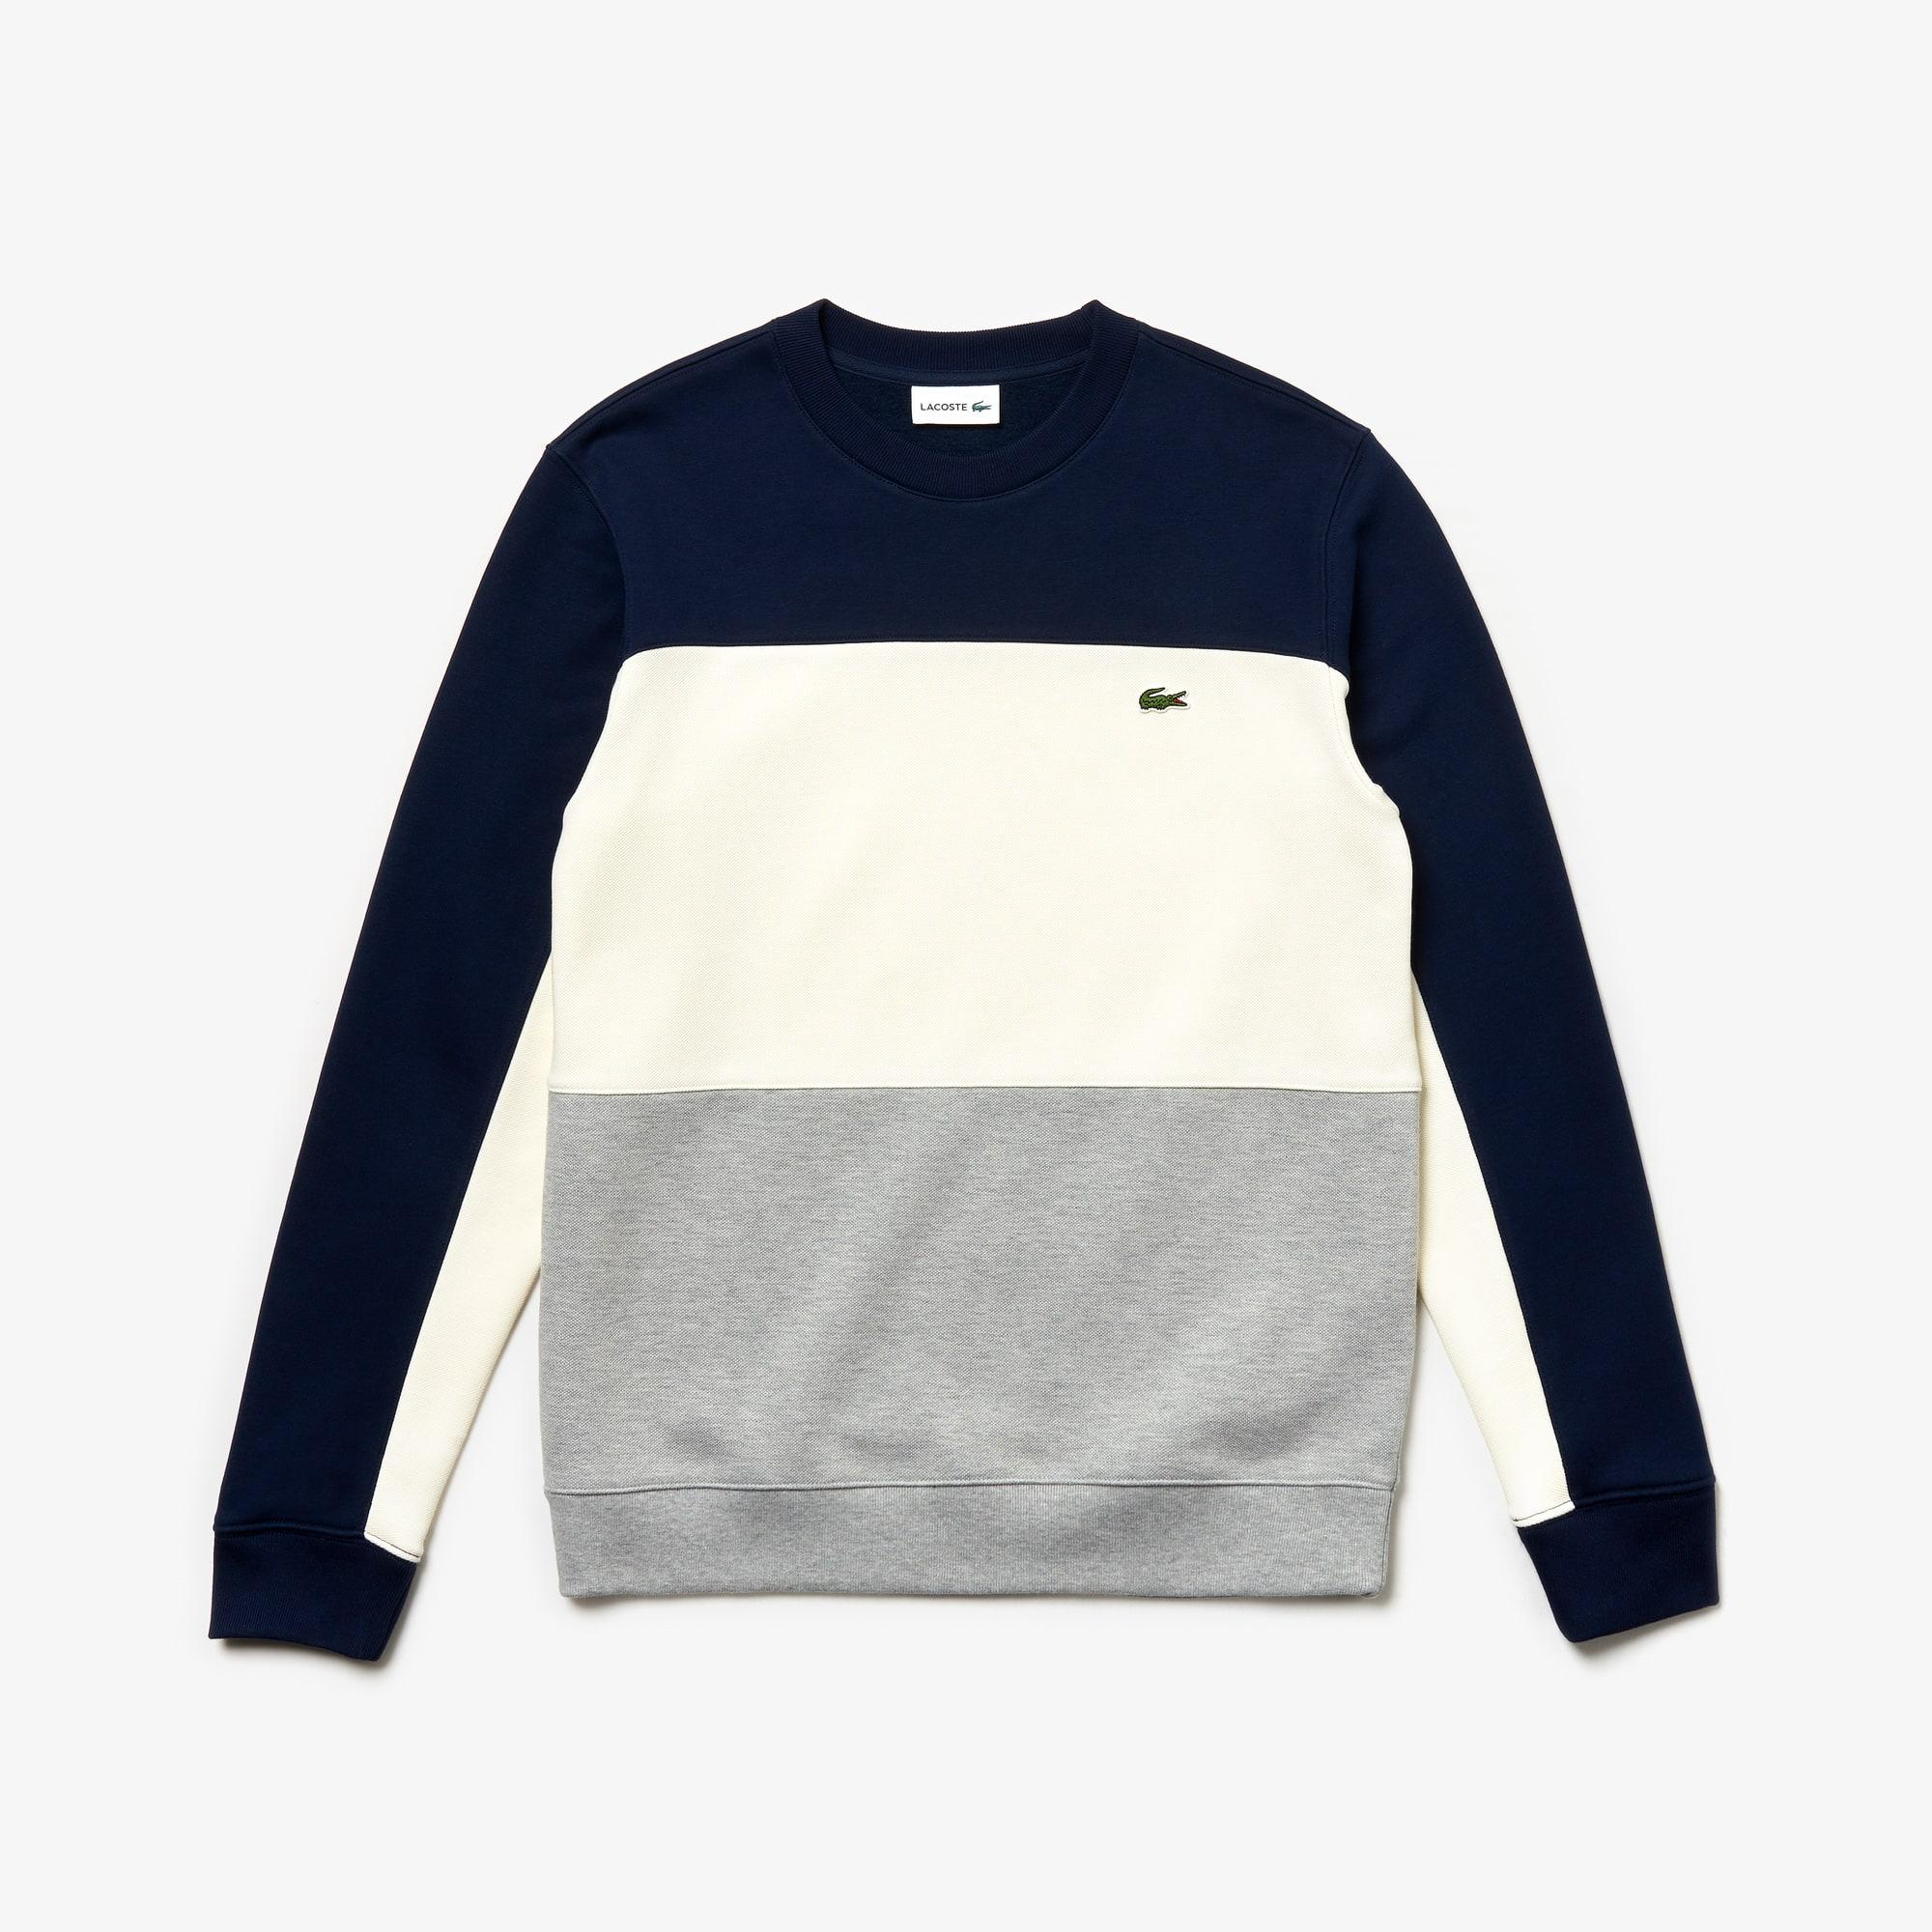 라코스테 Lacoste Mens Crew Neck Colorblock Pique Fleece Sweatshirt,grey chine / white / navy blue